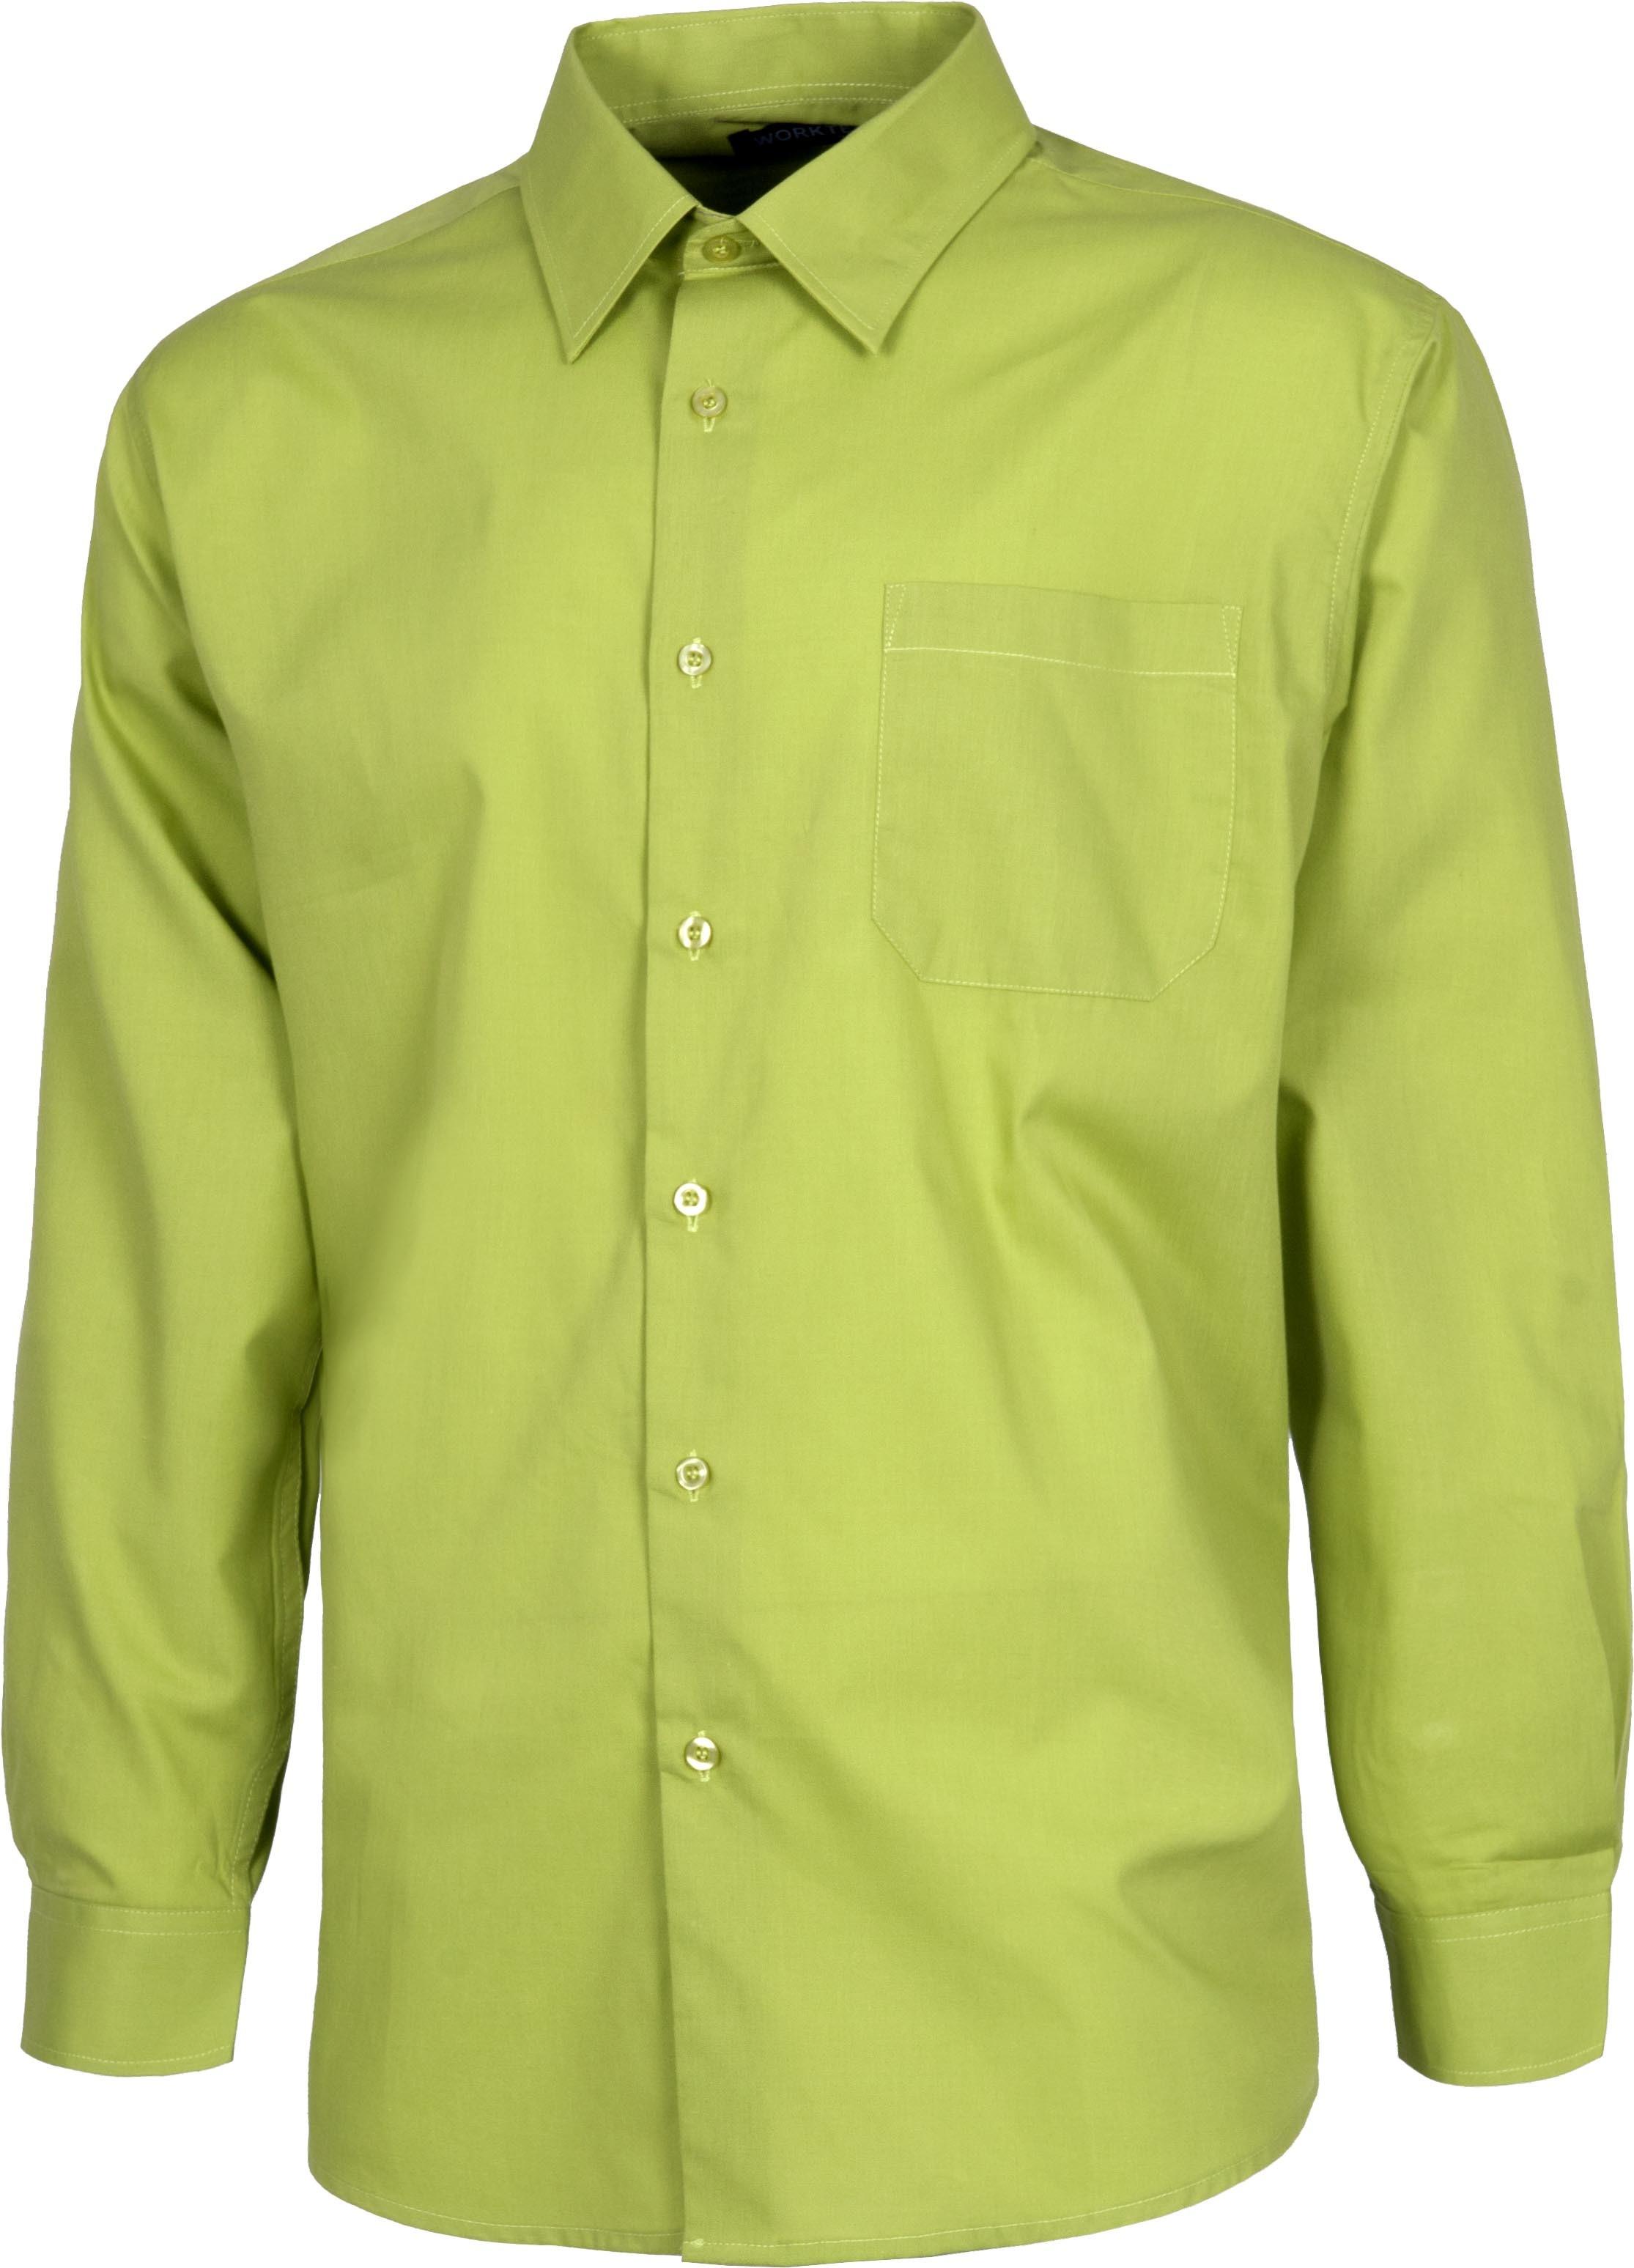 Trabajo Trabajo Camisas Verde Camisas De De Pistacho W4UPITqd